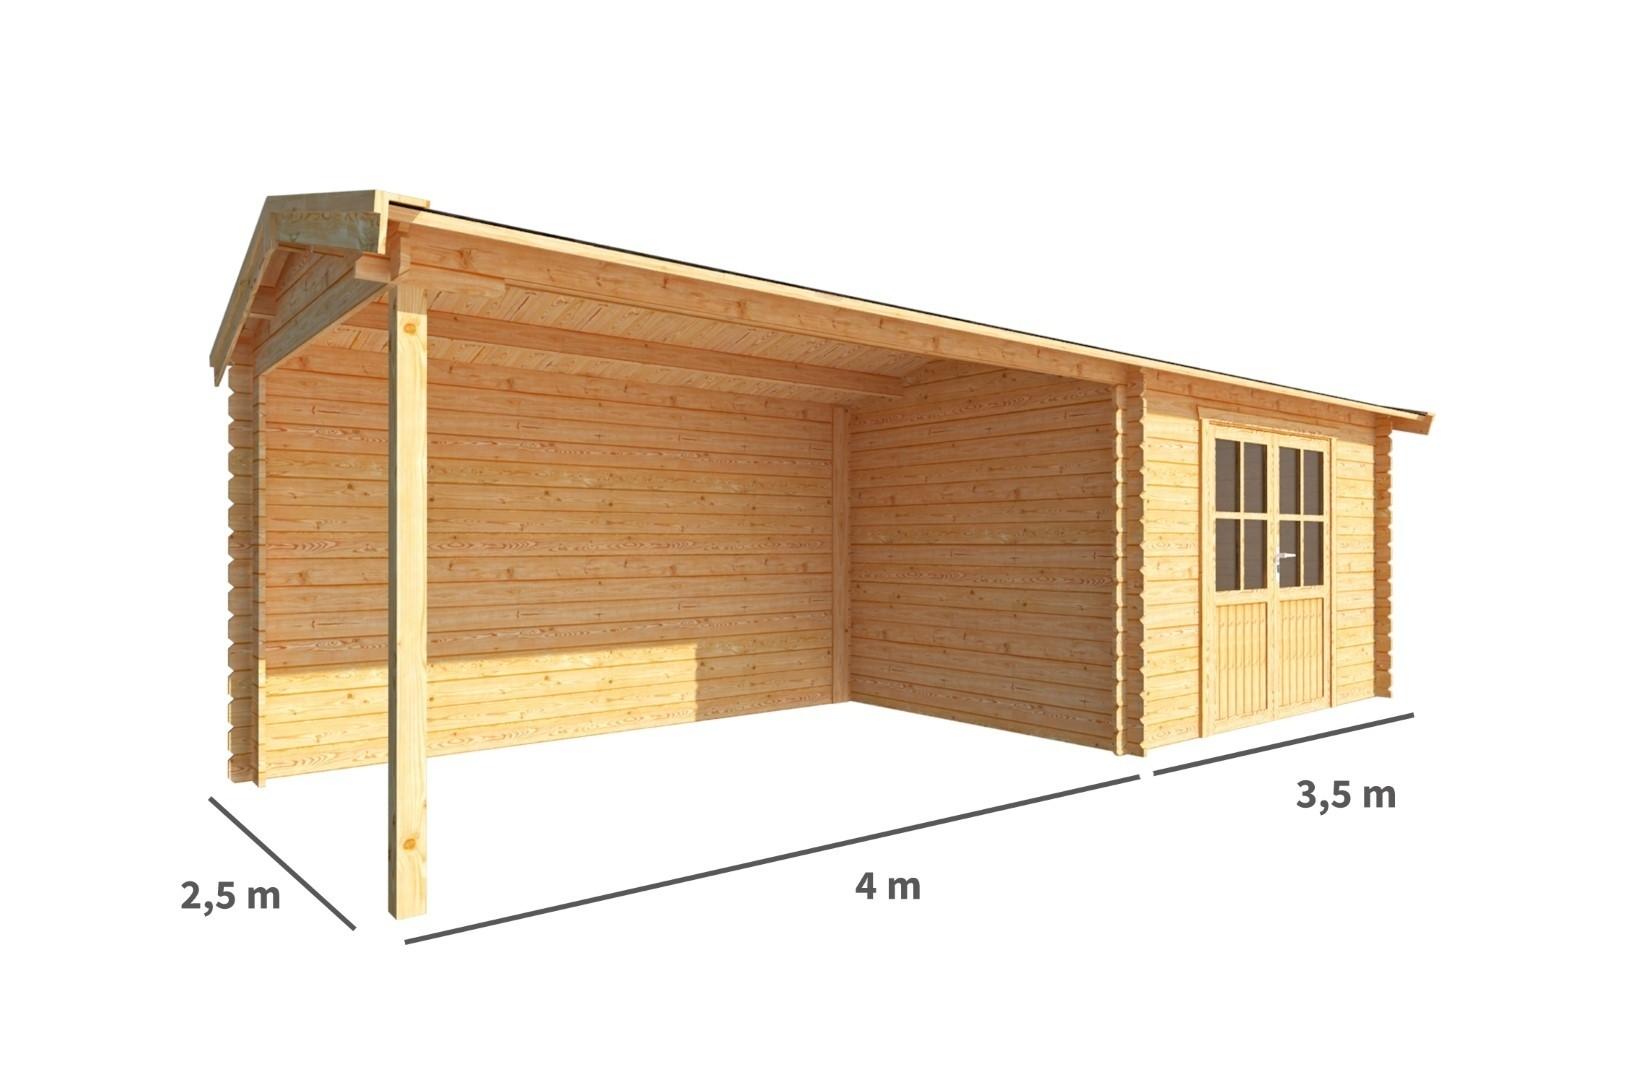 Blokhut met overkapping Fenna 750 cm bij 250 cm diep Zadeldak